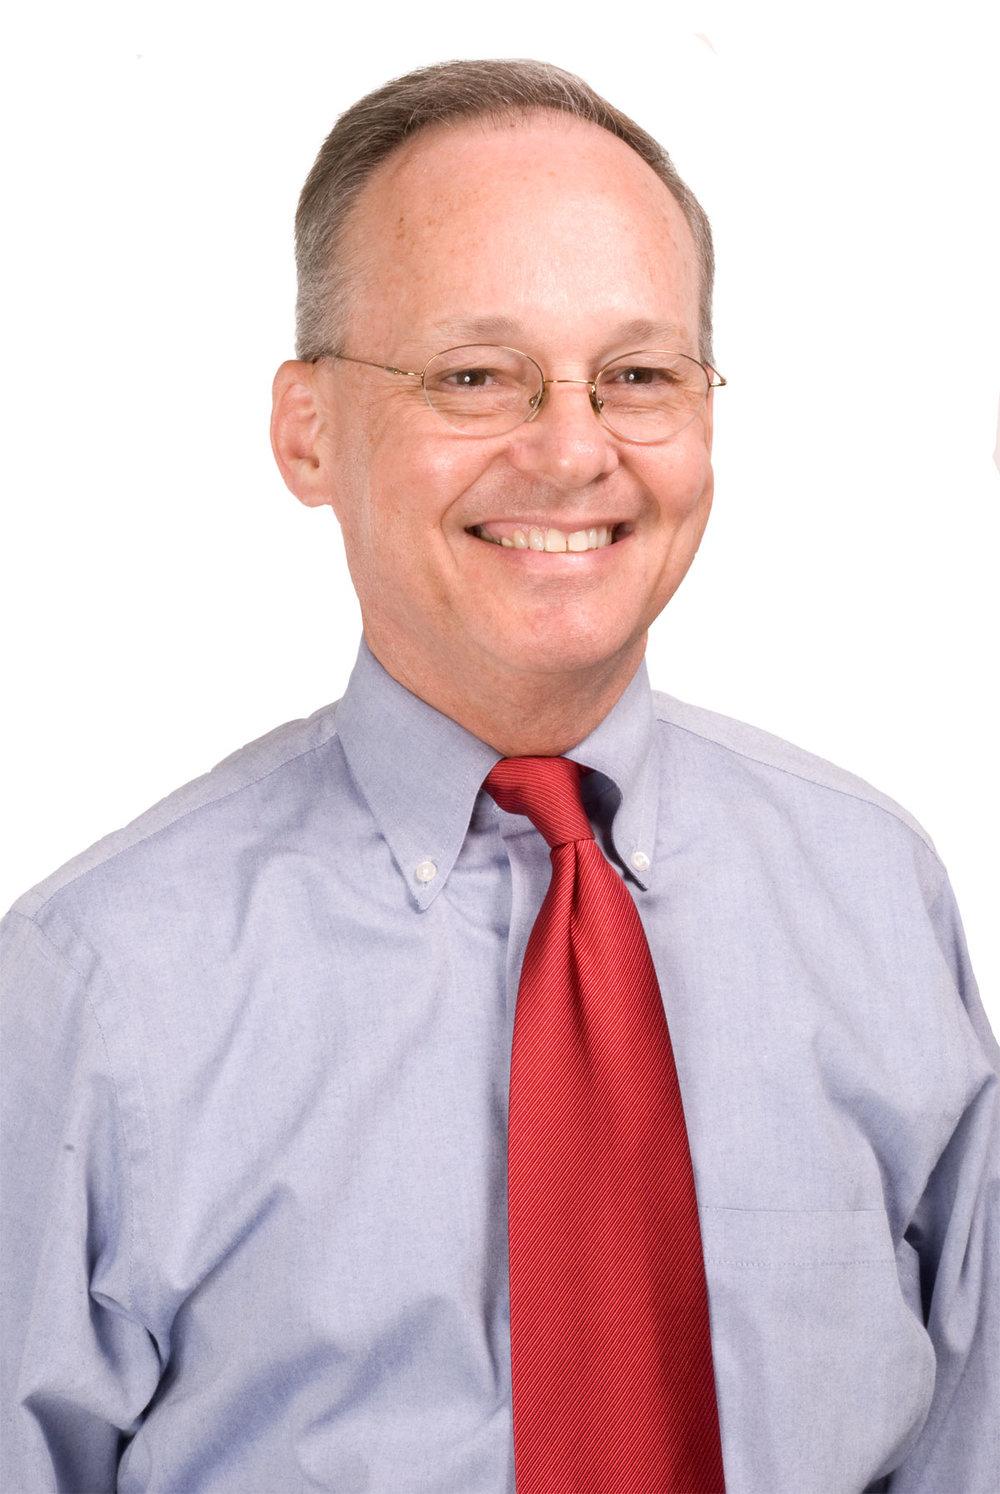 dr-jenkins-head.jpg